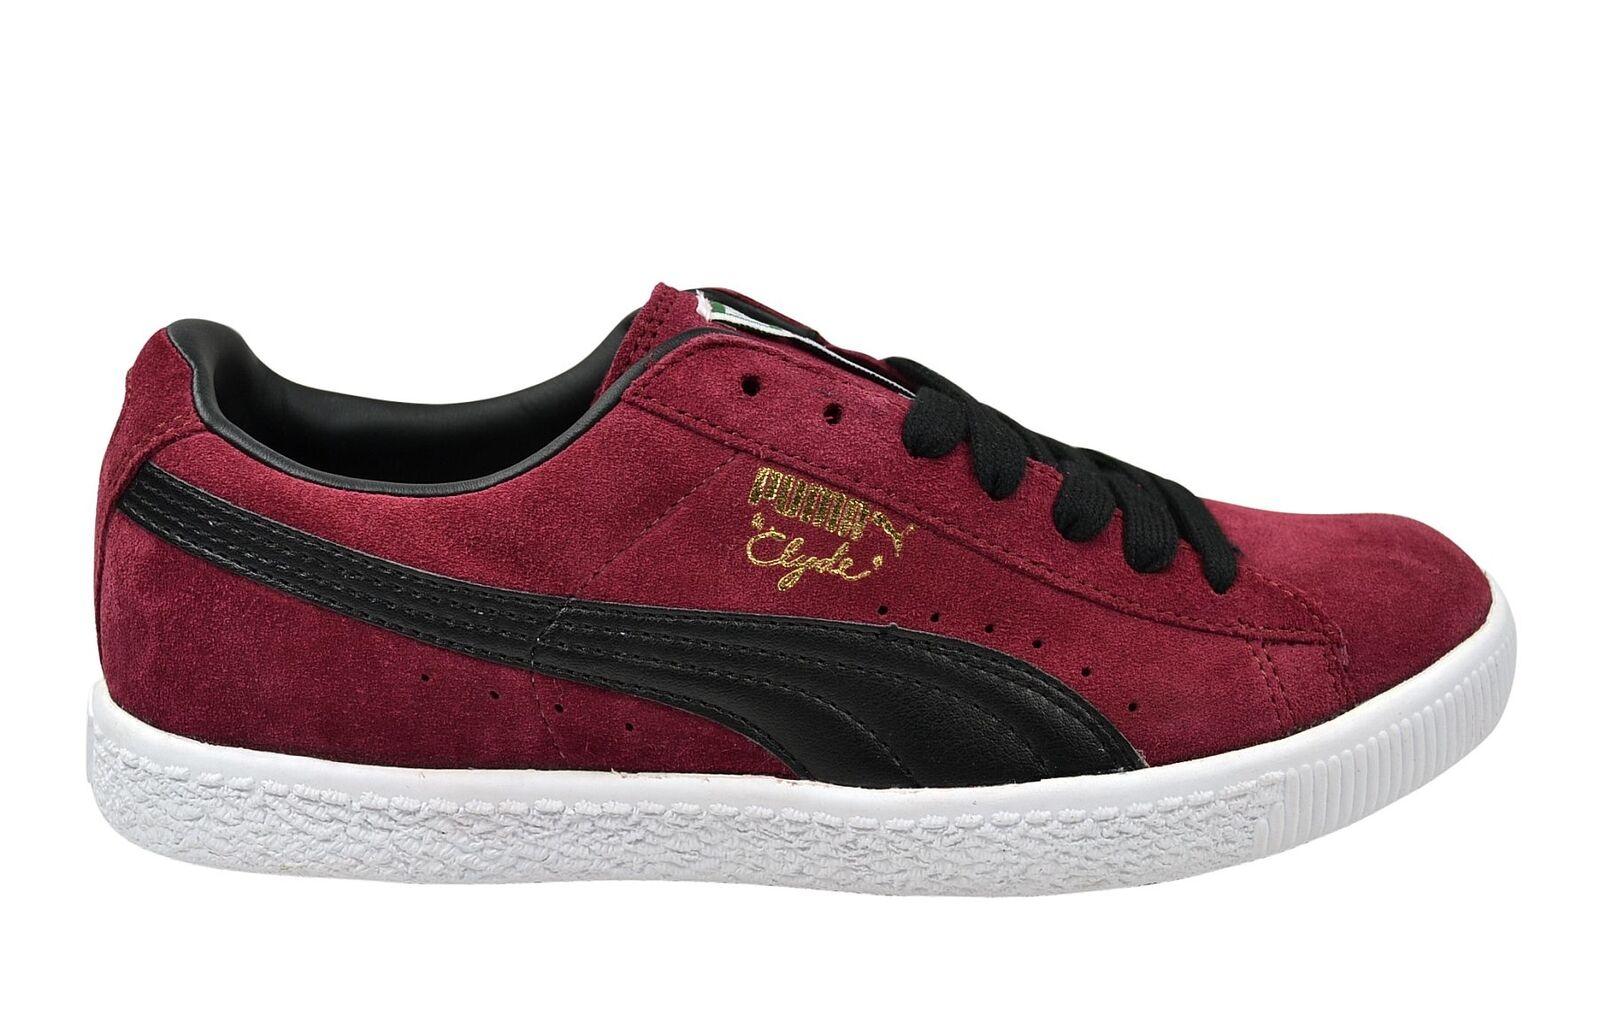 Puma Clyde Schuhe/Sneaker Script team burgundy/schwarz Leder Schuhe/Sneaker Clyde rot/schwarz 89ec60